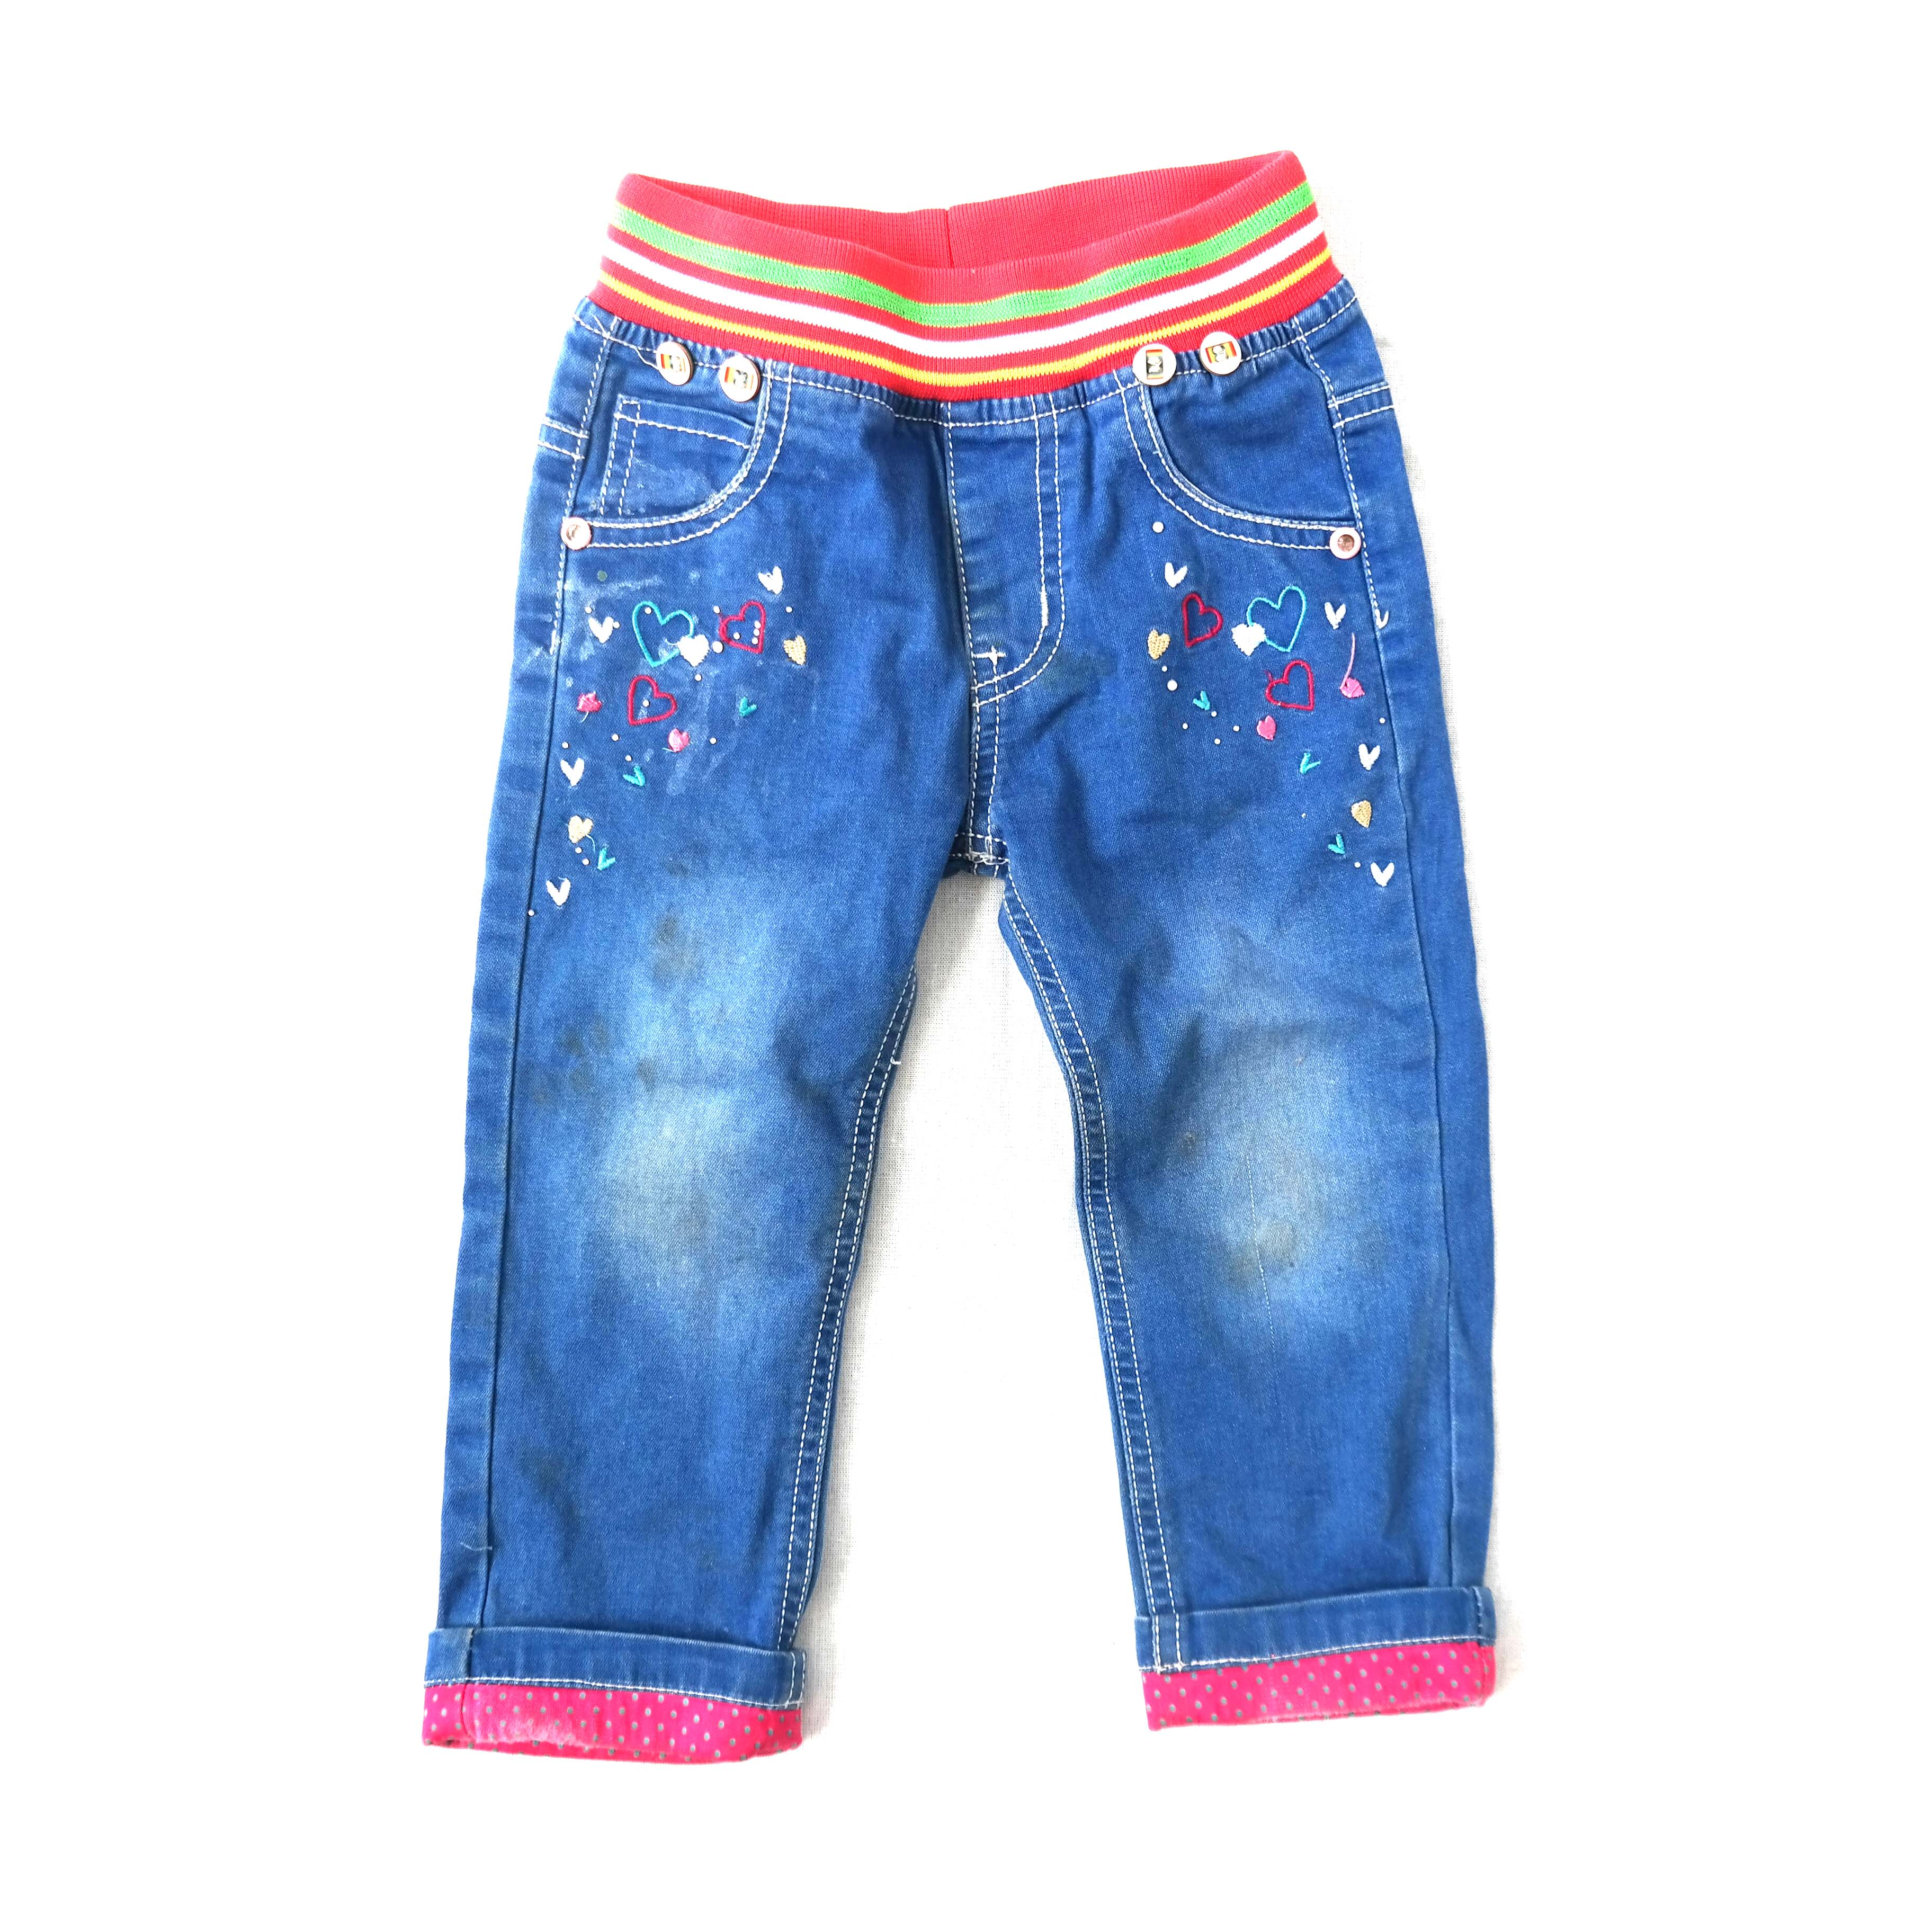 Детские джинсы для девочек в Самаре